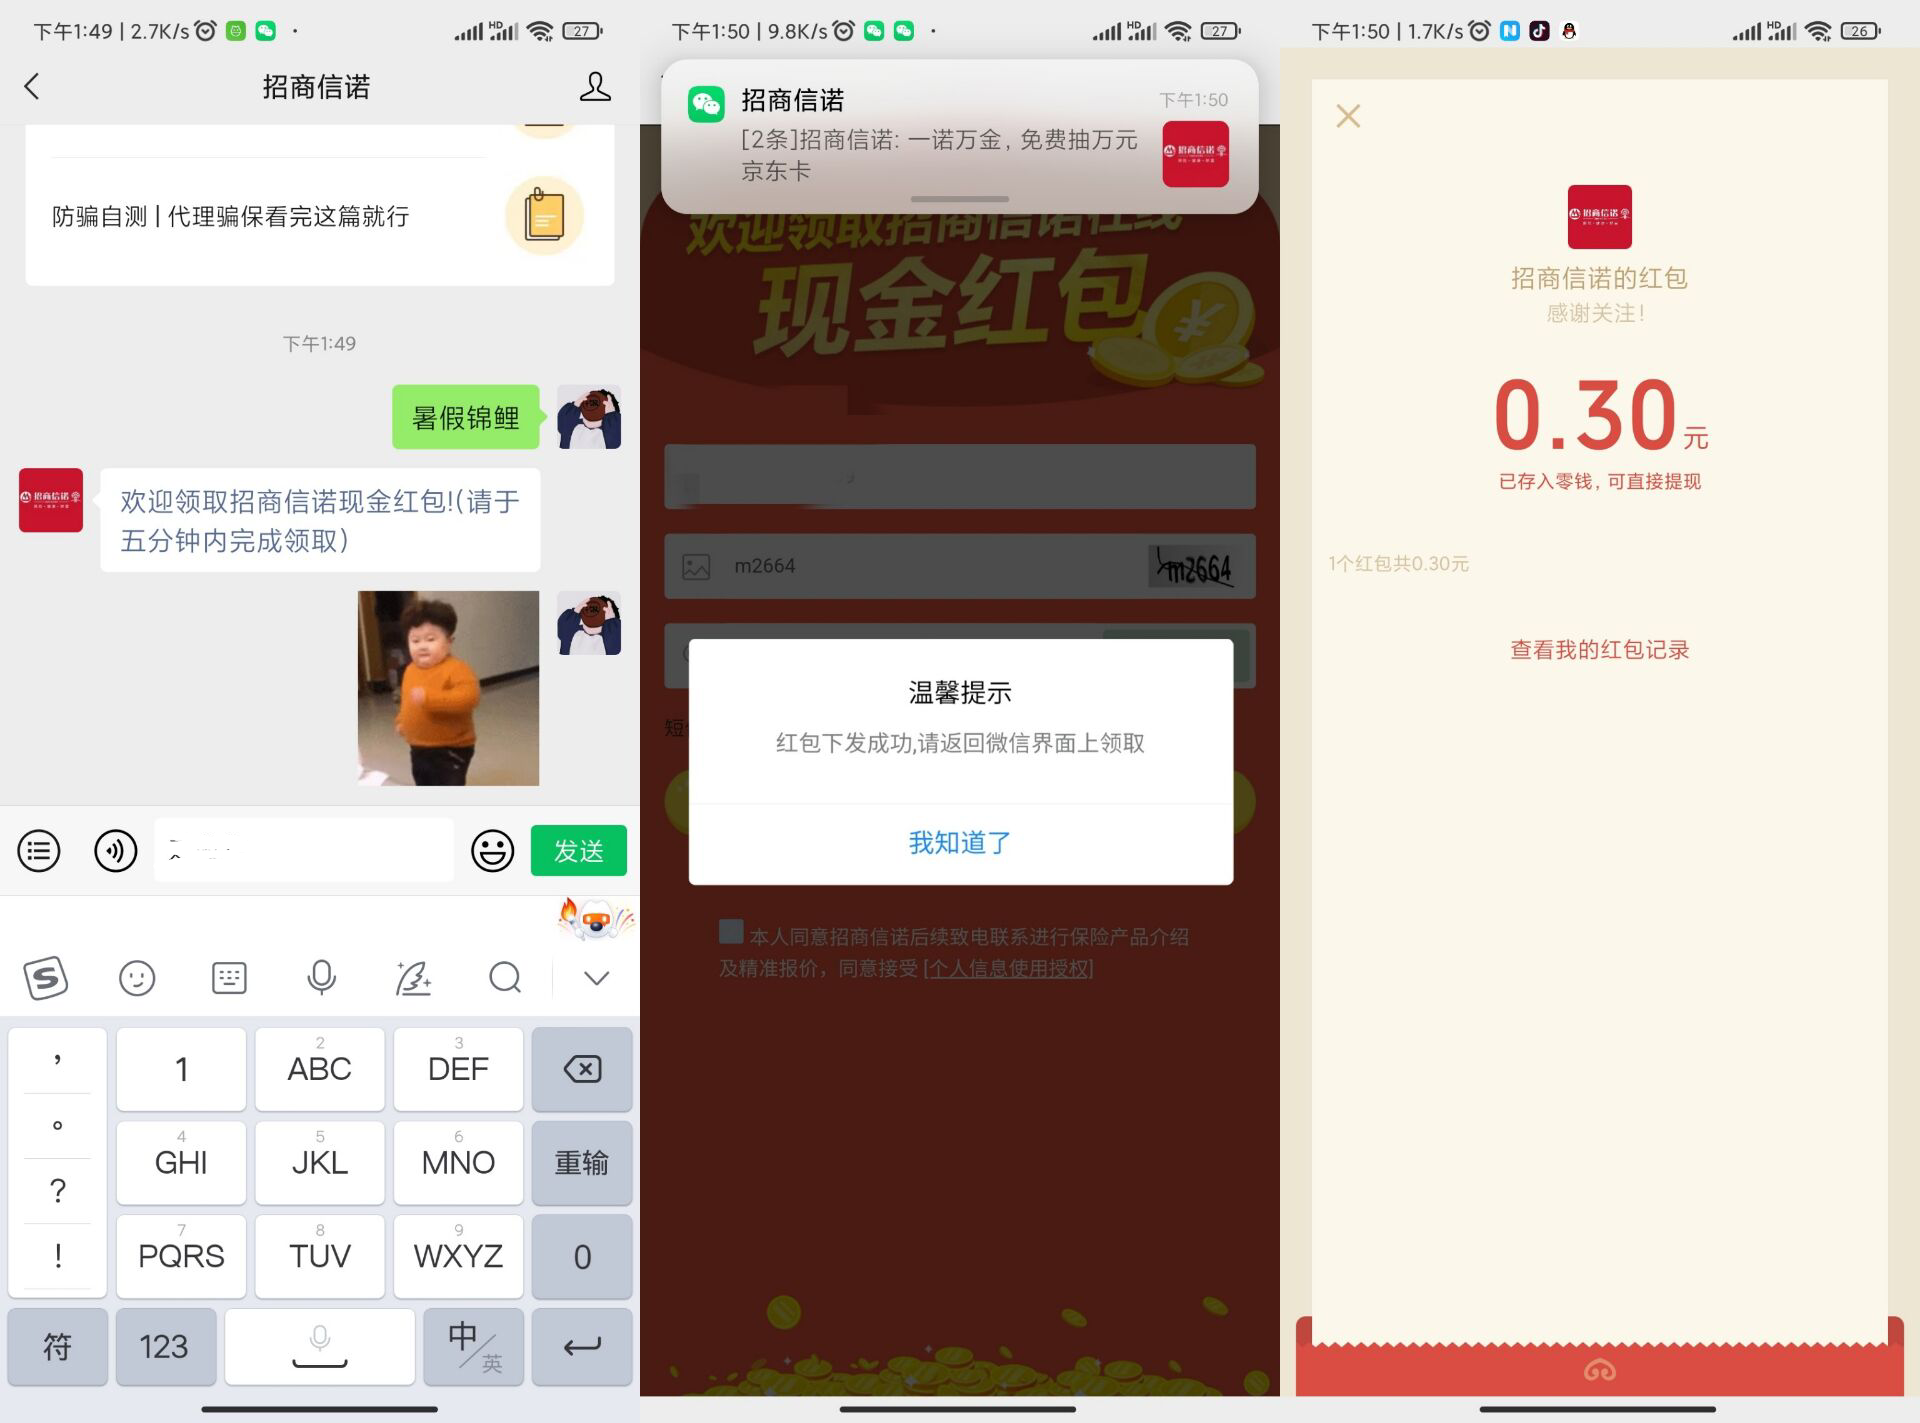 """微信关注""""招商信诺""""->回复""""暑假锦鲤""""->推文进入->"""